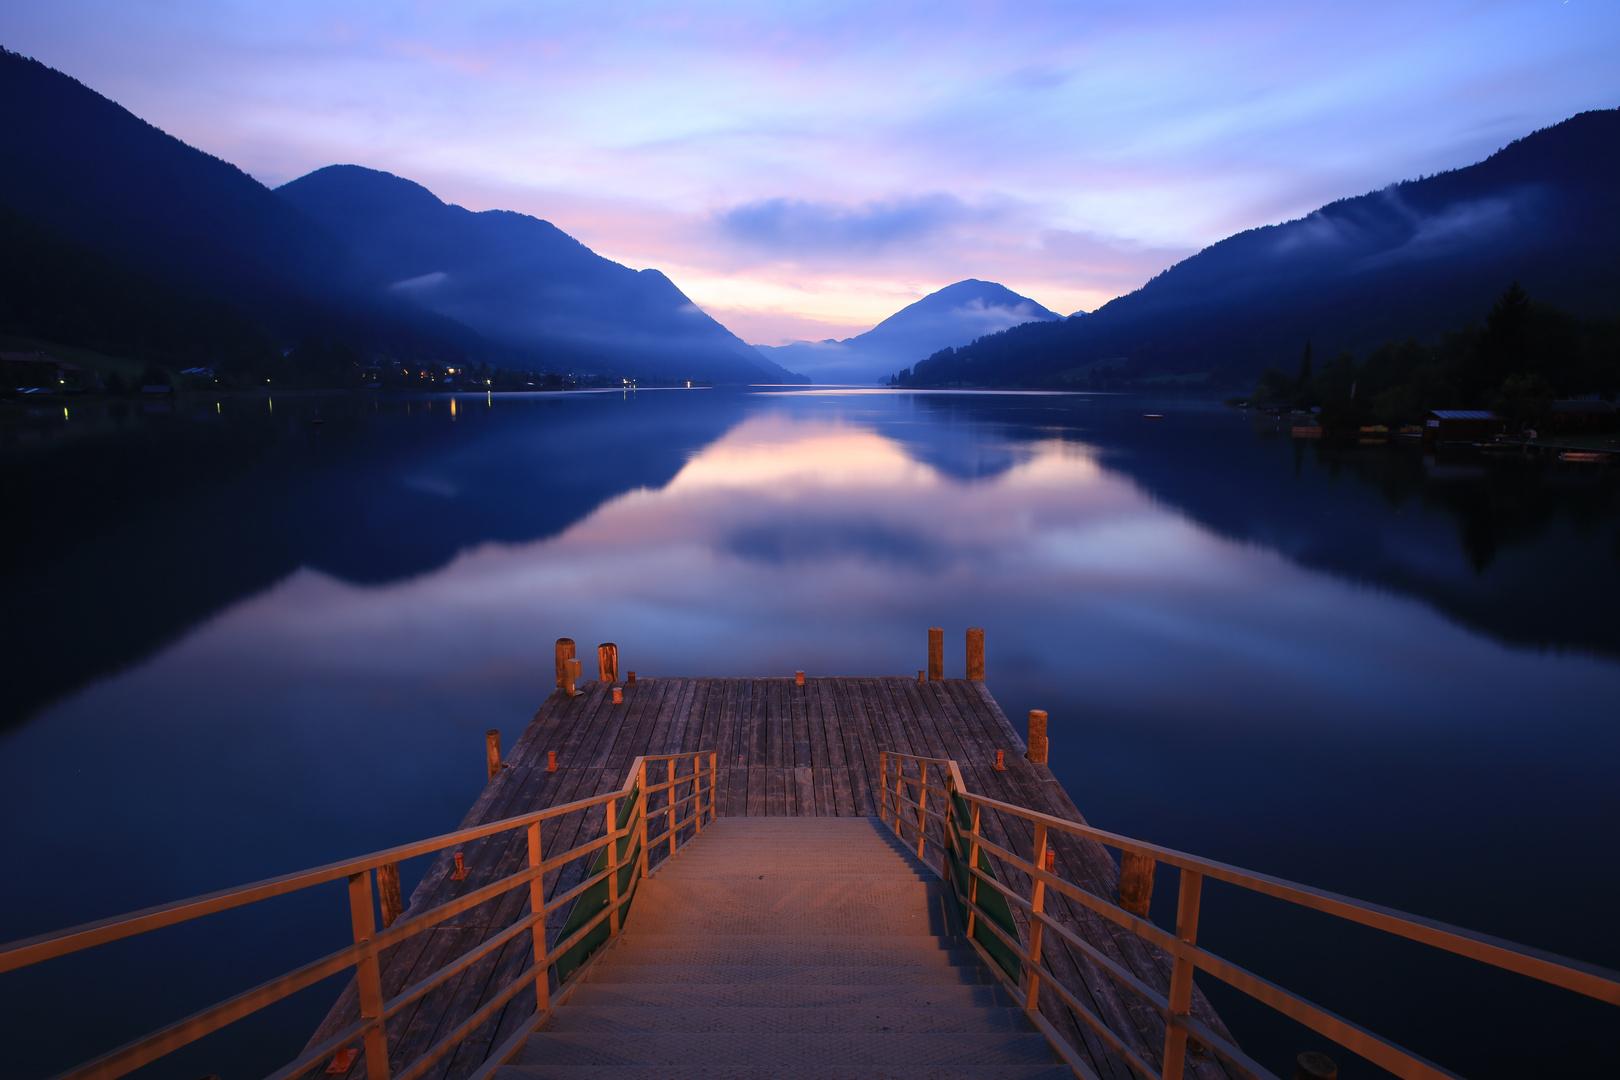 stairway to sunrise